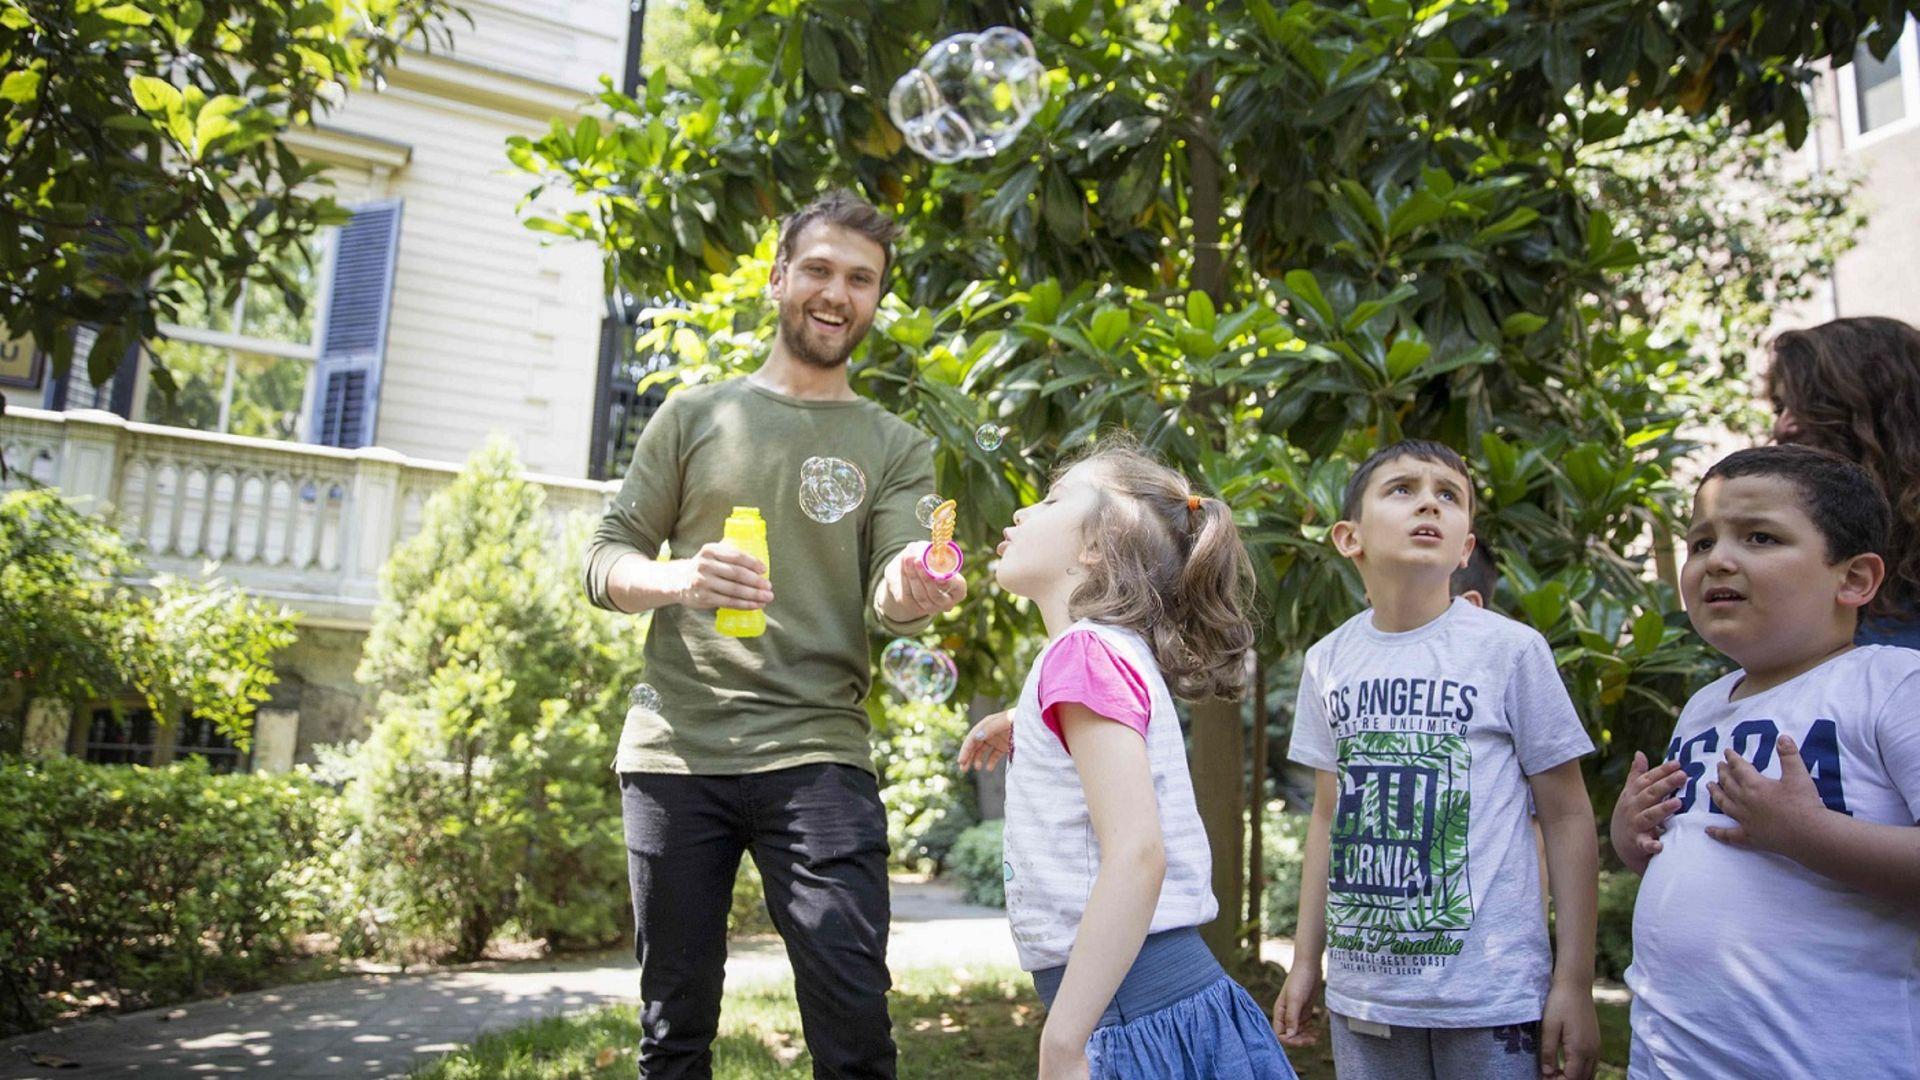 Aras Bulut İynemli Otizmli çocukları ziyaret etti!